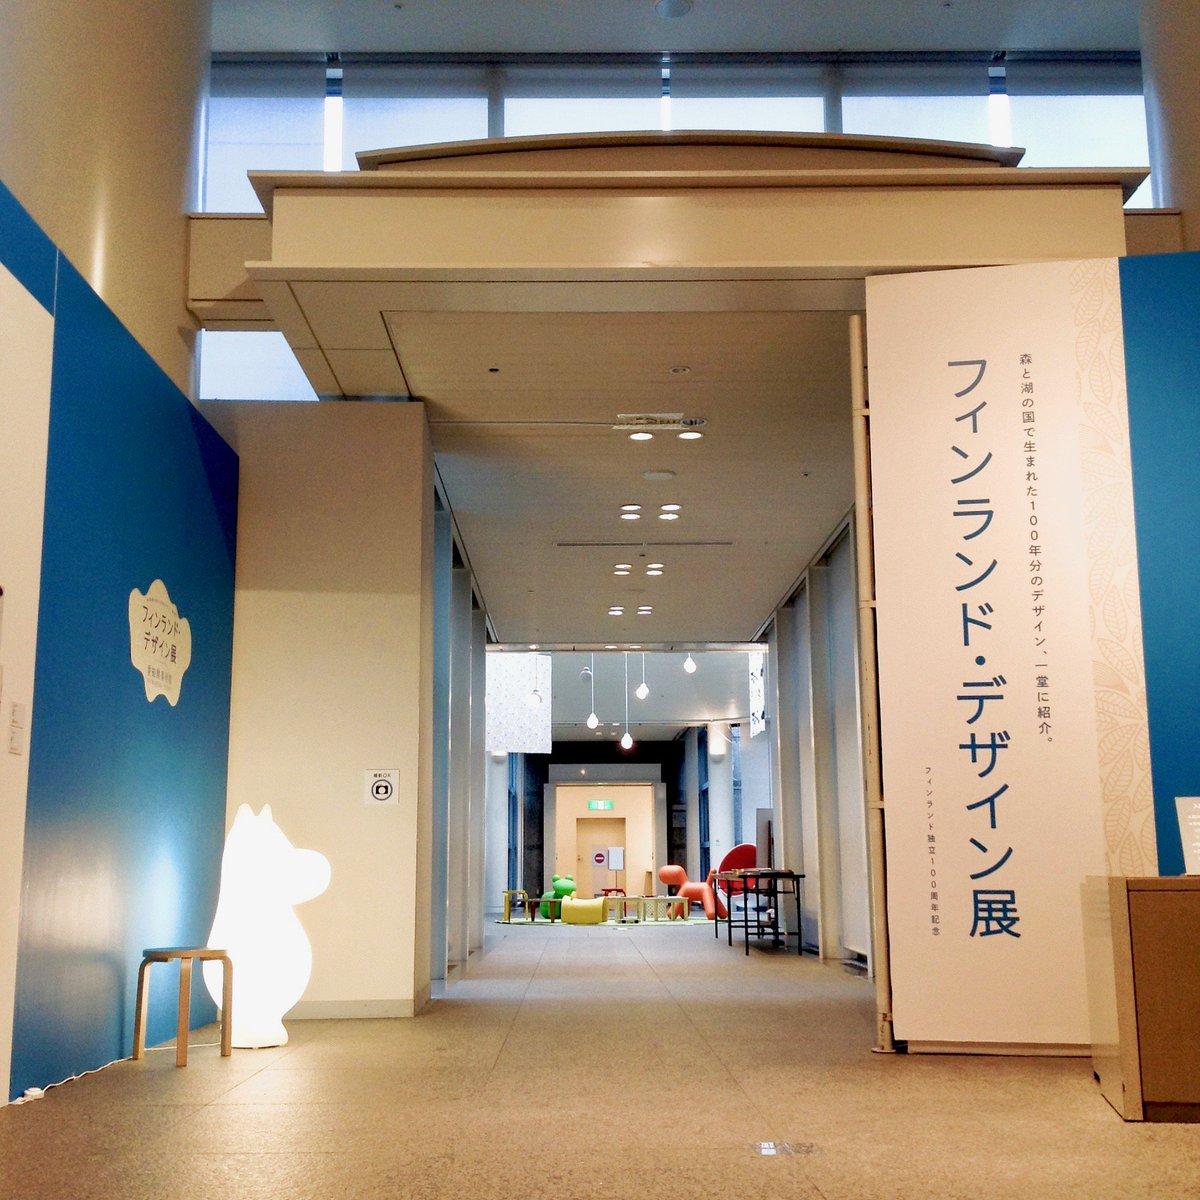 本日4/7、フィンランド・デザイン展が開幕いたしました!会場入口では光るムーミンがお出迎えしてくれます。当館の高い天井を存分に活かしたダイナミックな展示になりました。目線をいつもよりすこし上にも向けてみてくださいね! https://t.co/qx4HK58vwh